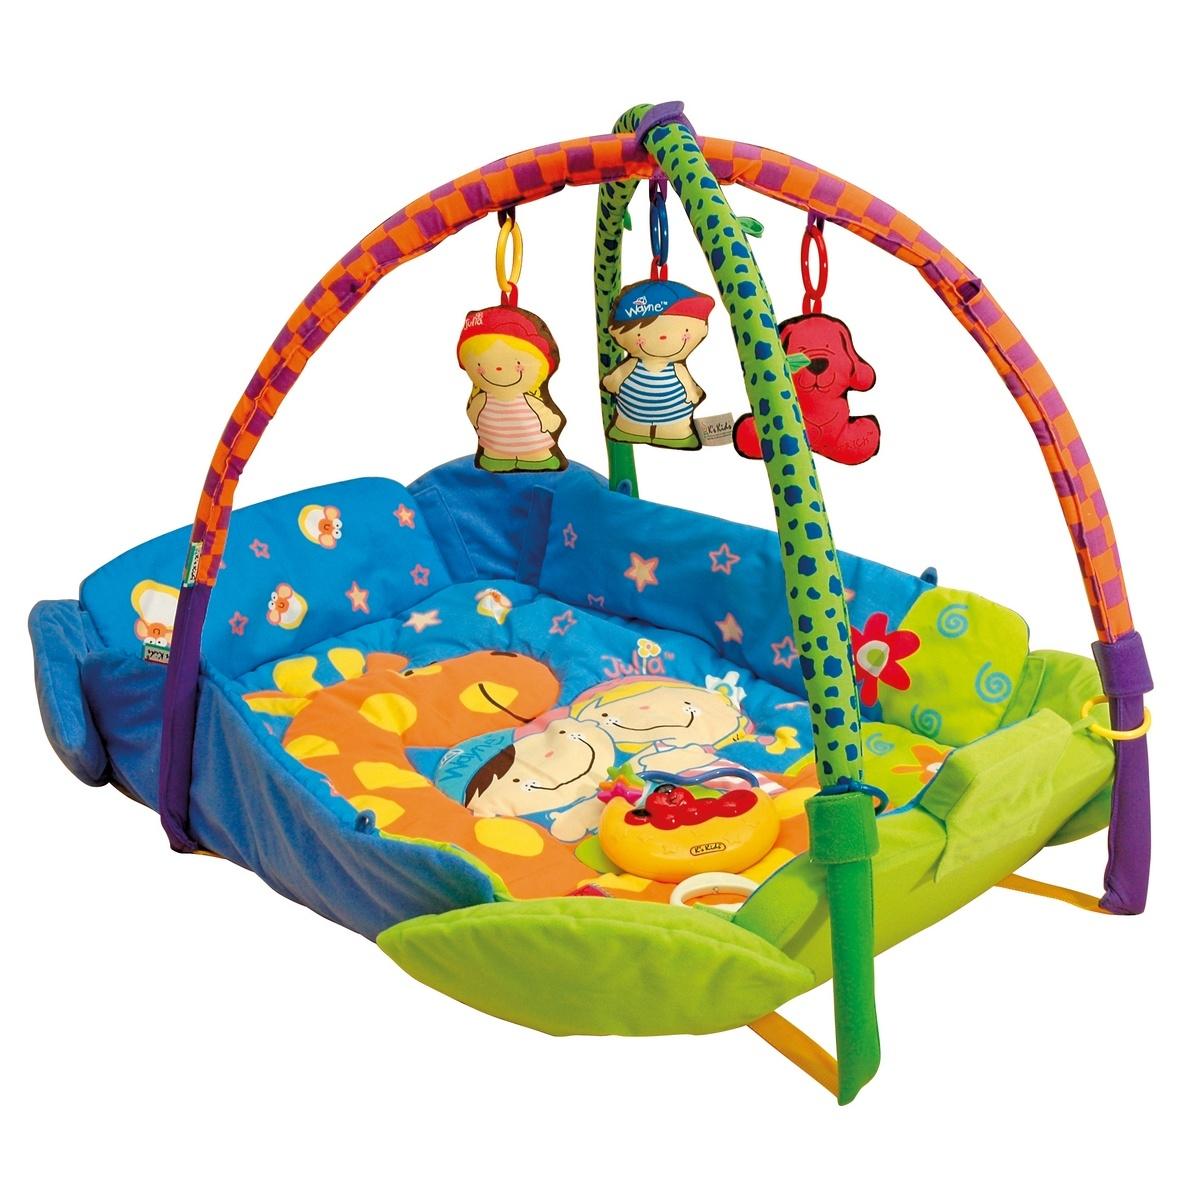 K´s kids Hrací deka s hrazdičkou, 100 x 82 cm